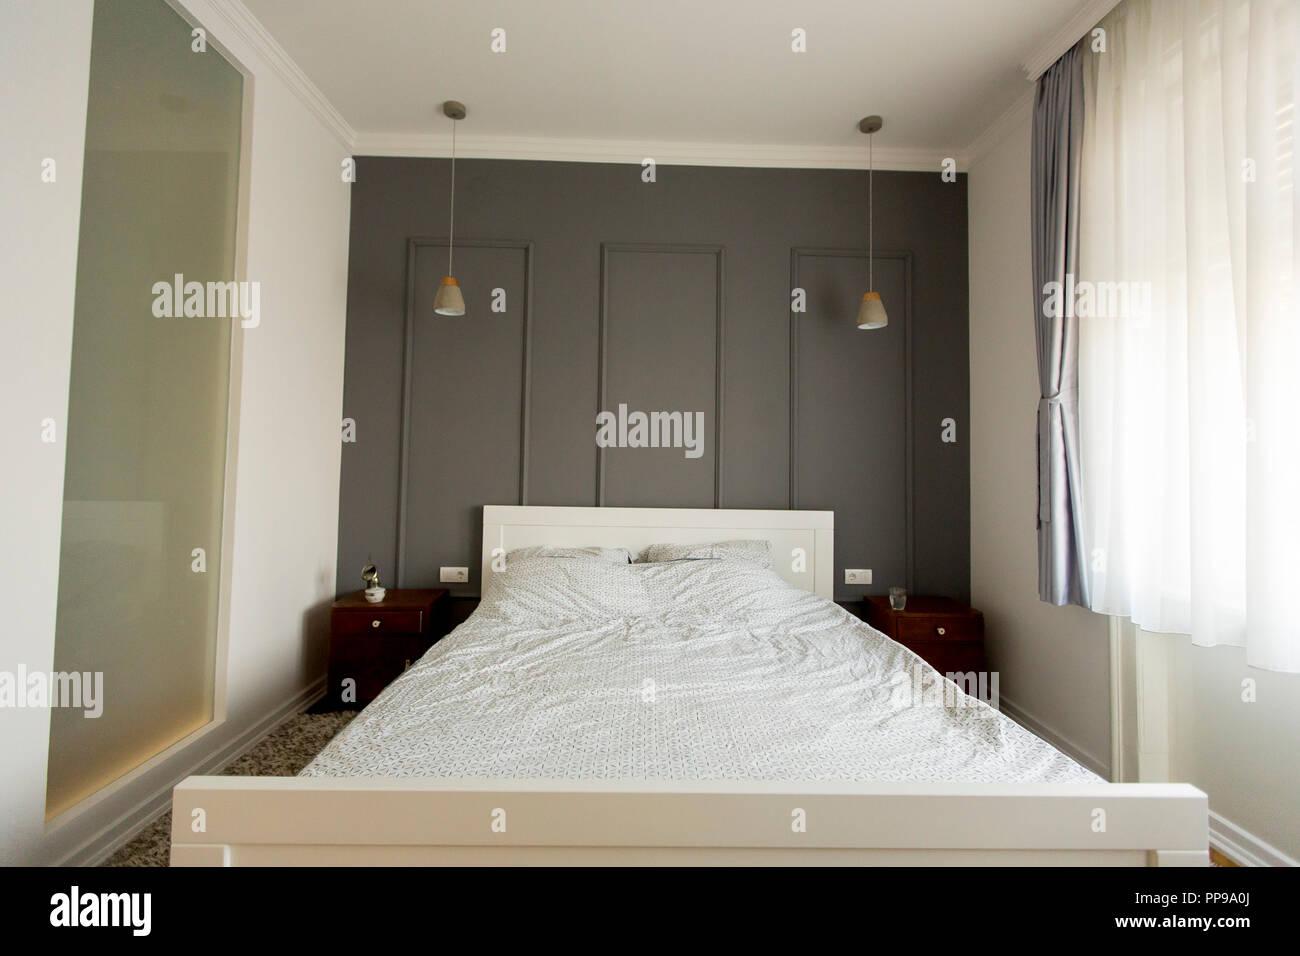 Interni Casa Grigio : Interno di colore bianco e grigio accogliente camera da letto